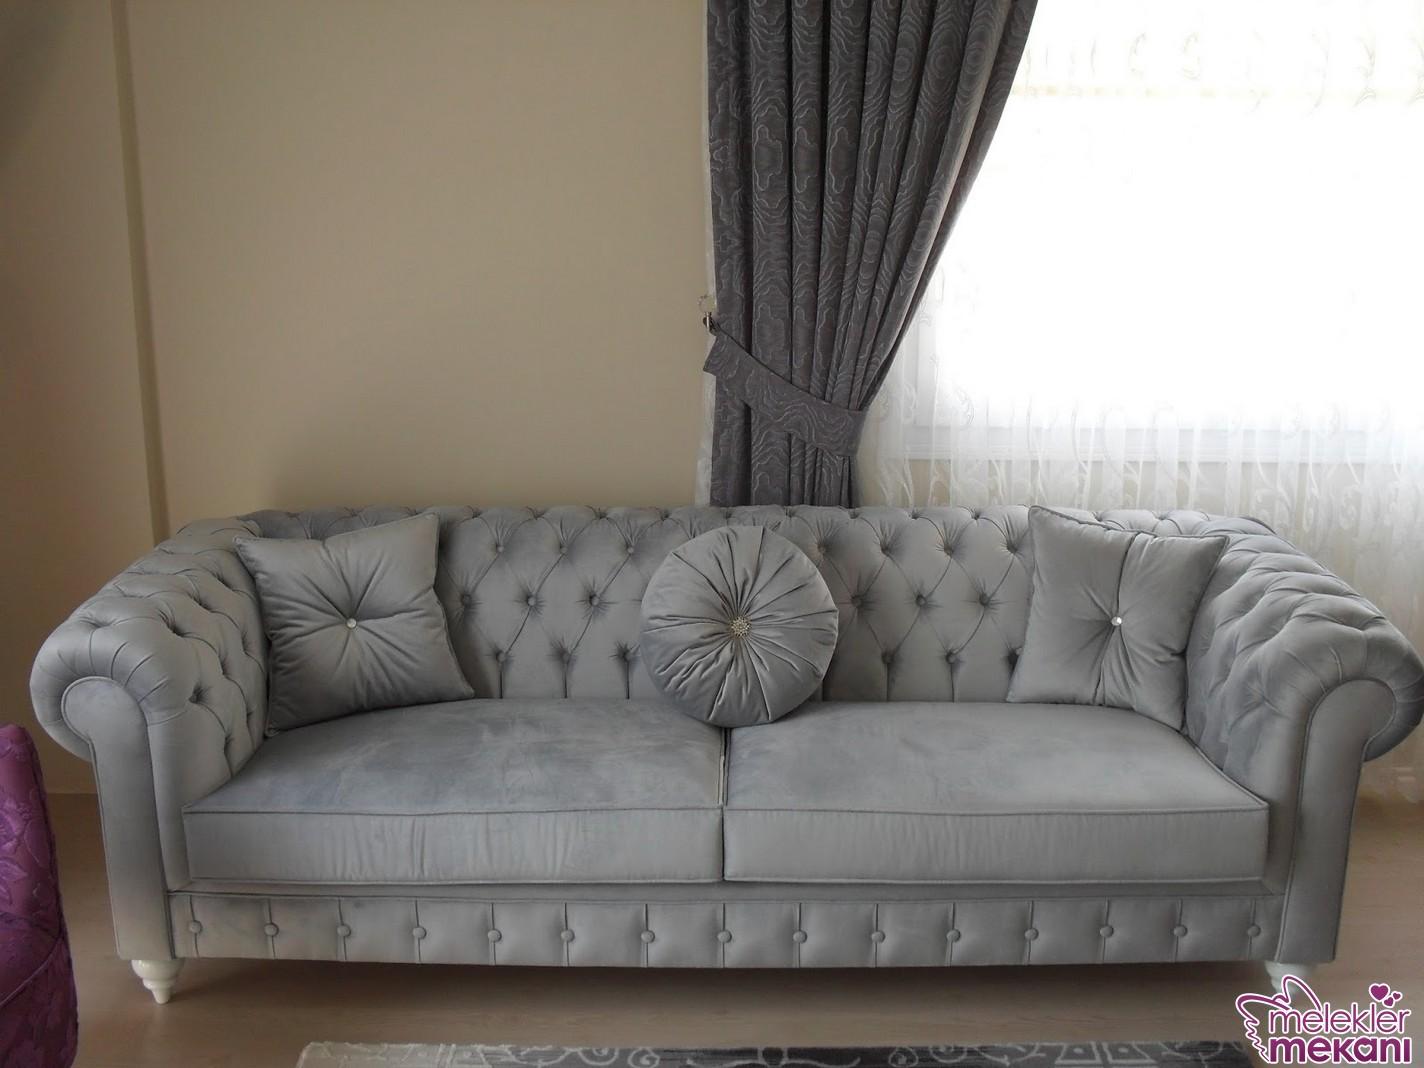 Odalarınızda gri koltuk tercihi de doğru bir seçenek olabilir.